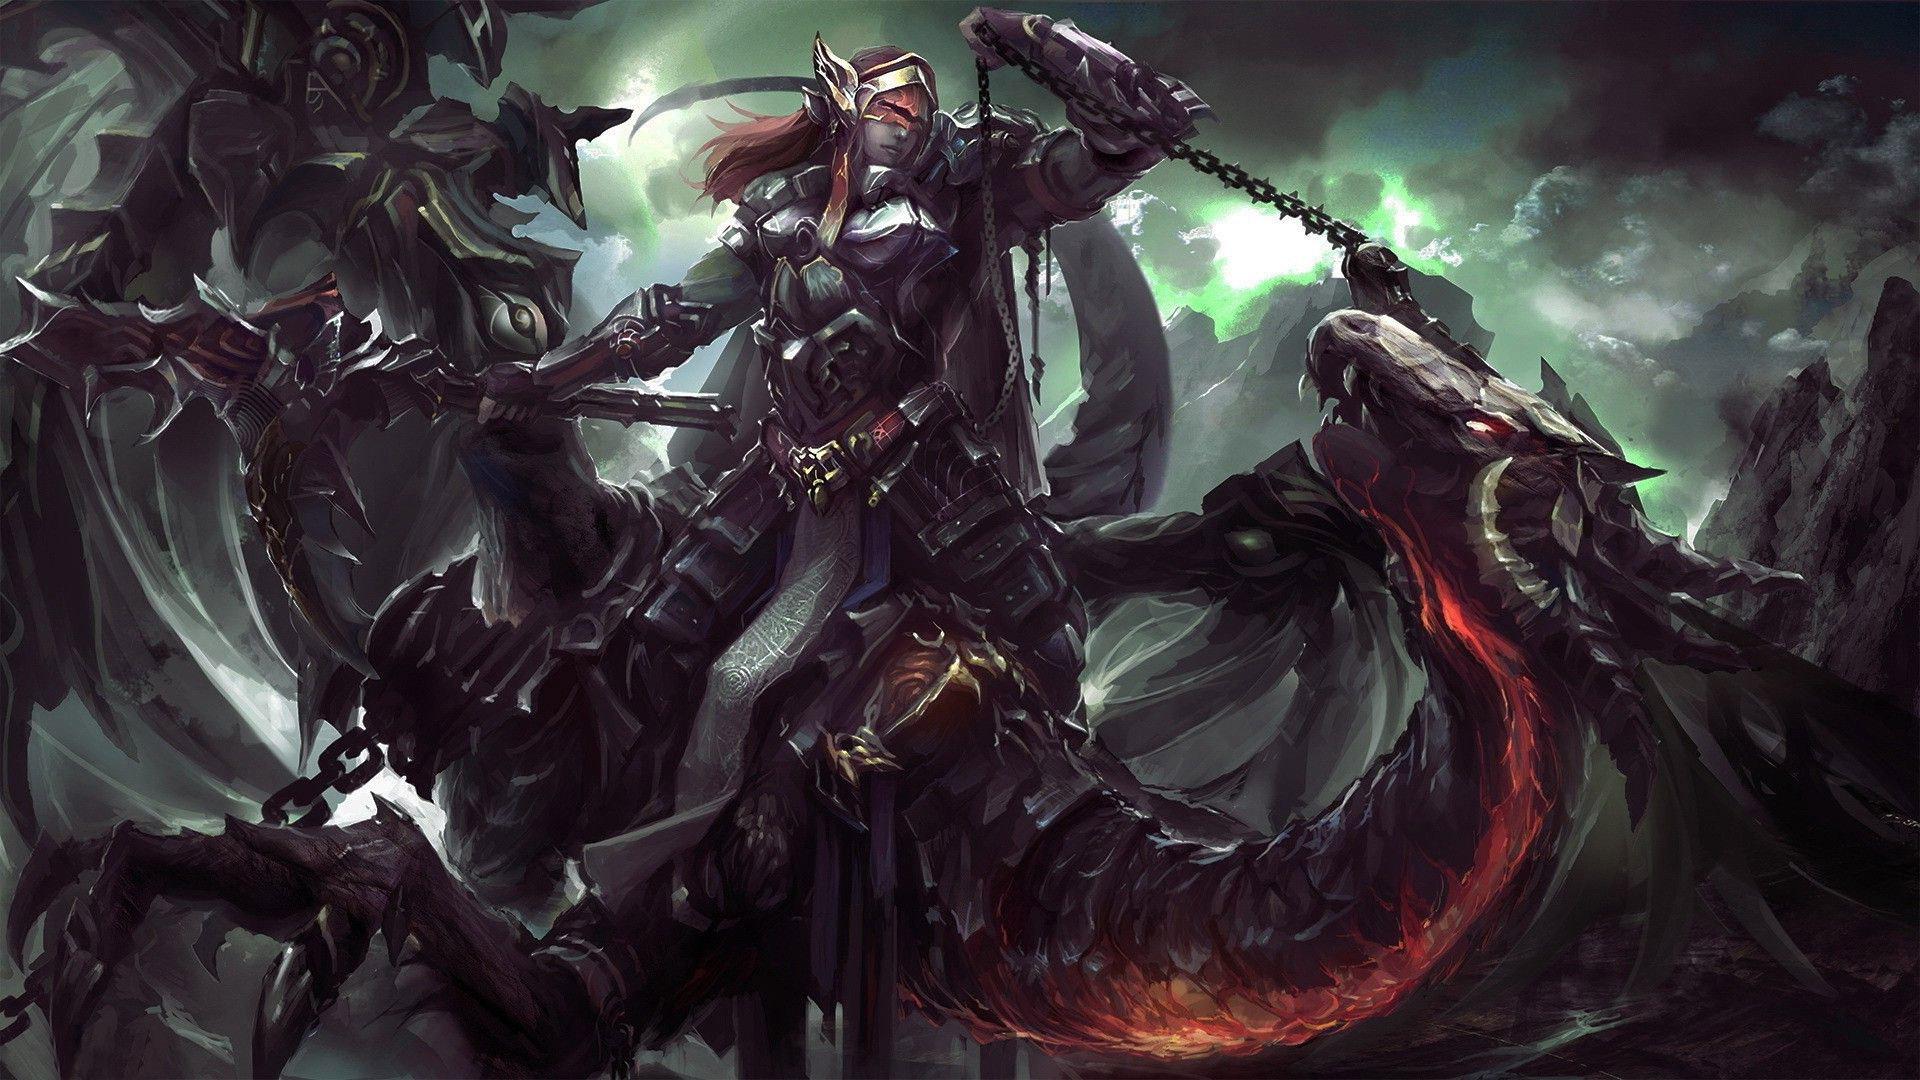 Black-Dragon-Wallpaper